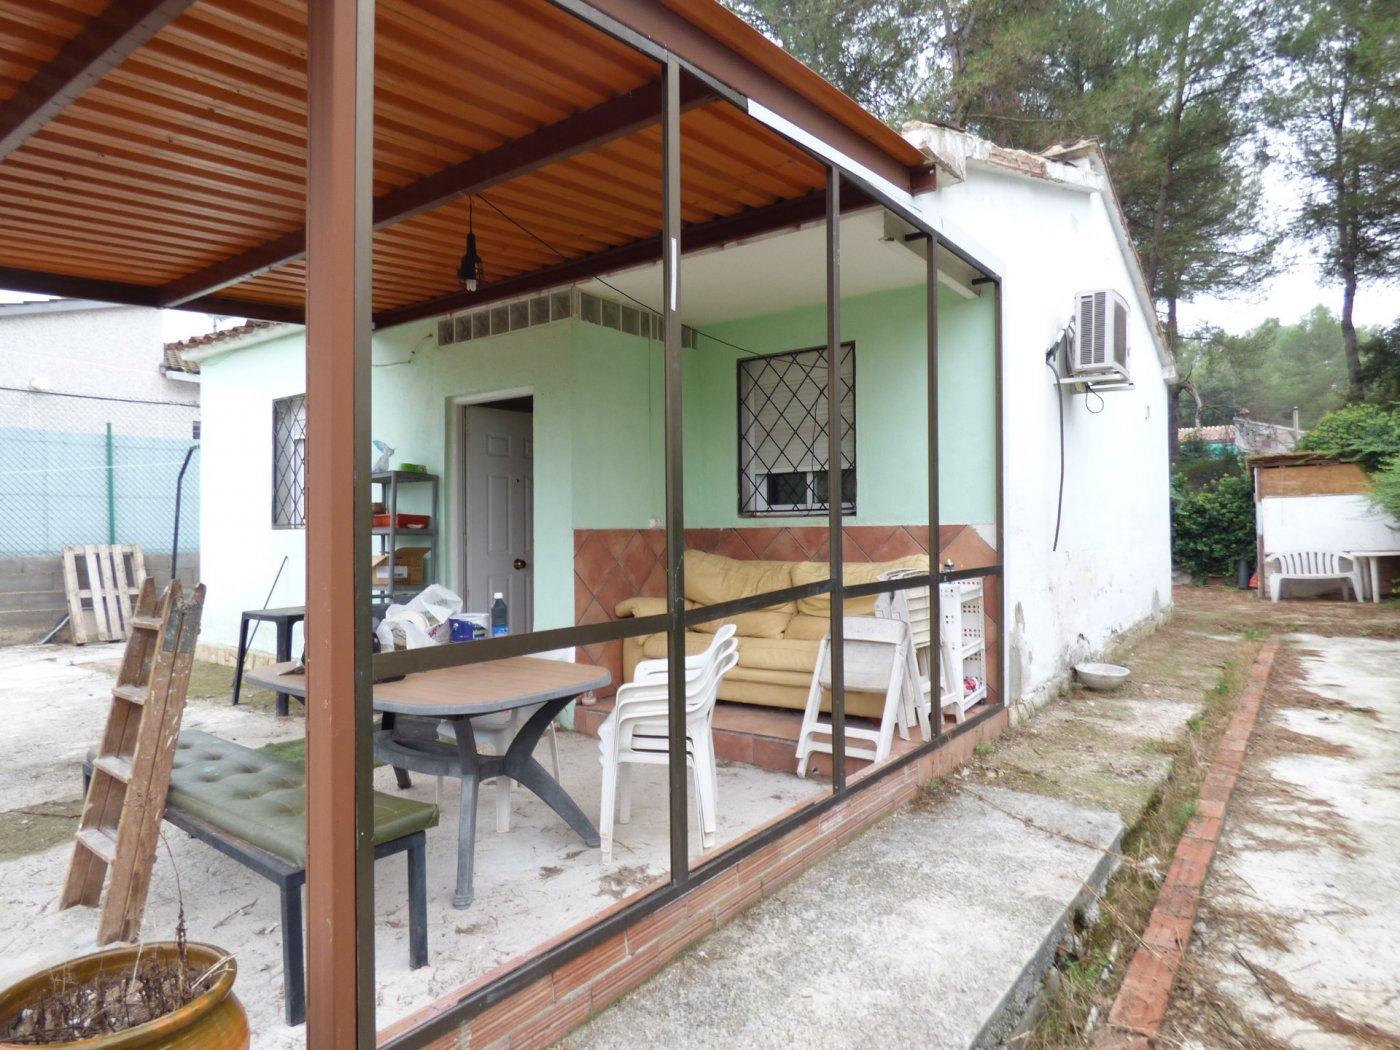 chalet  de  3 habitaciones  en venta con terreno de 736 m2 en el calvet.